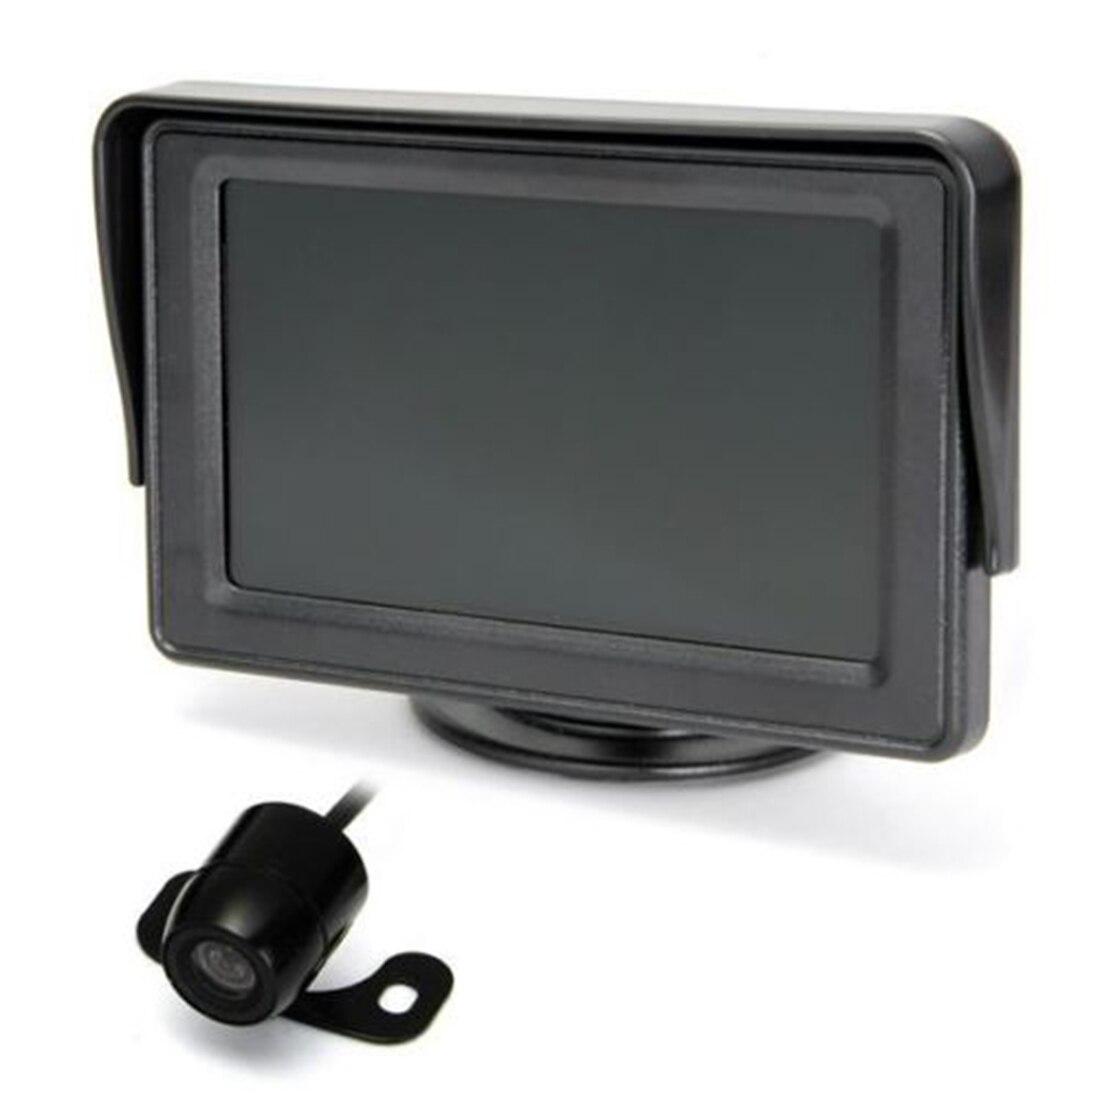 Marsnaska brand new 4.3 pouces TFT Voiture Écran LCD Sans Fil Vue Arrière Moniteur Caméra De Recul De Sauvegarde